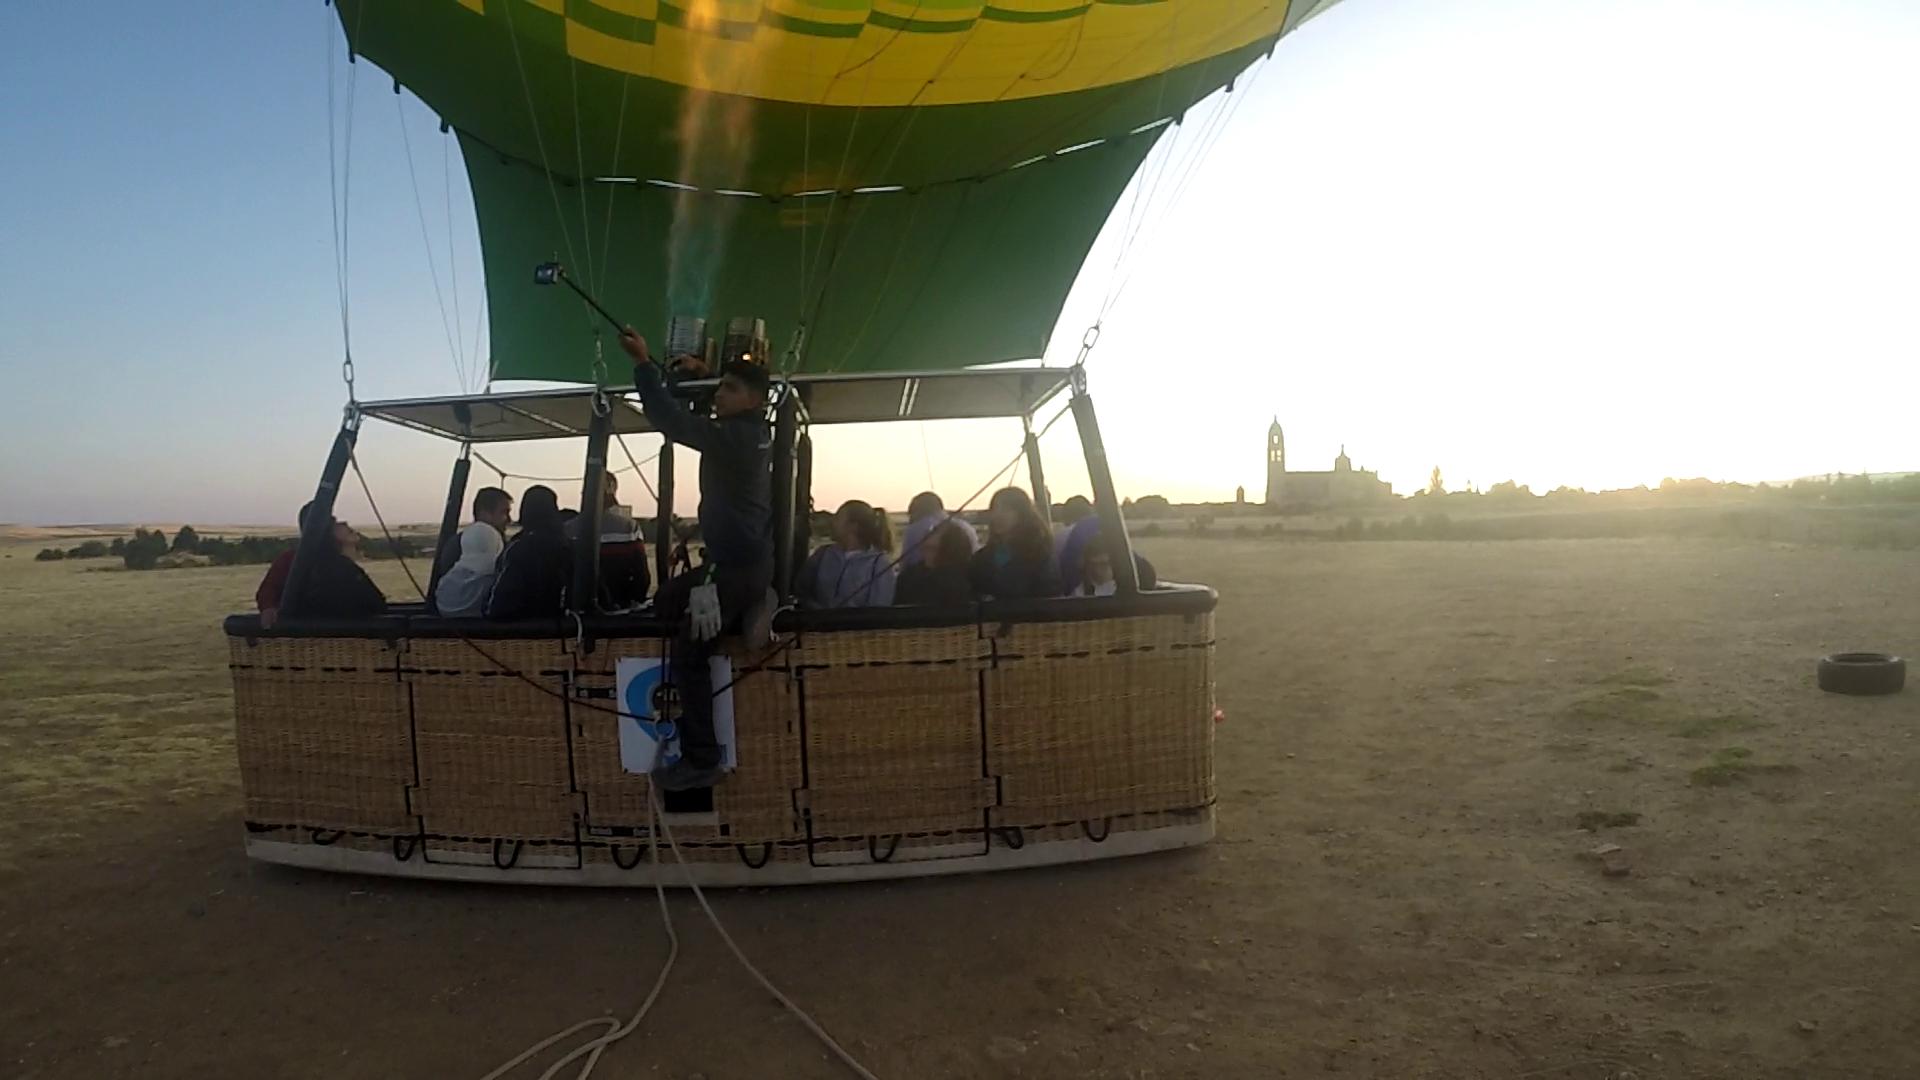 vuelo en globo en segovia 30-7-19